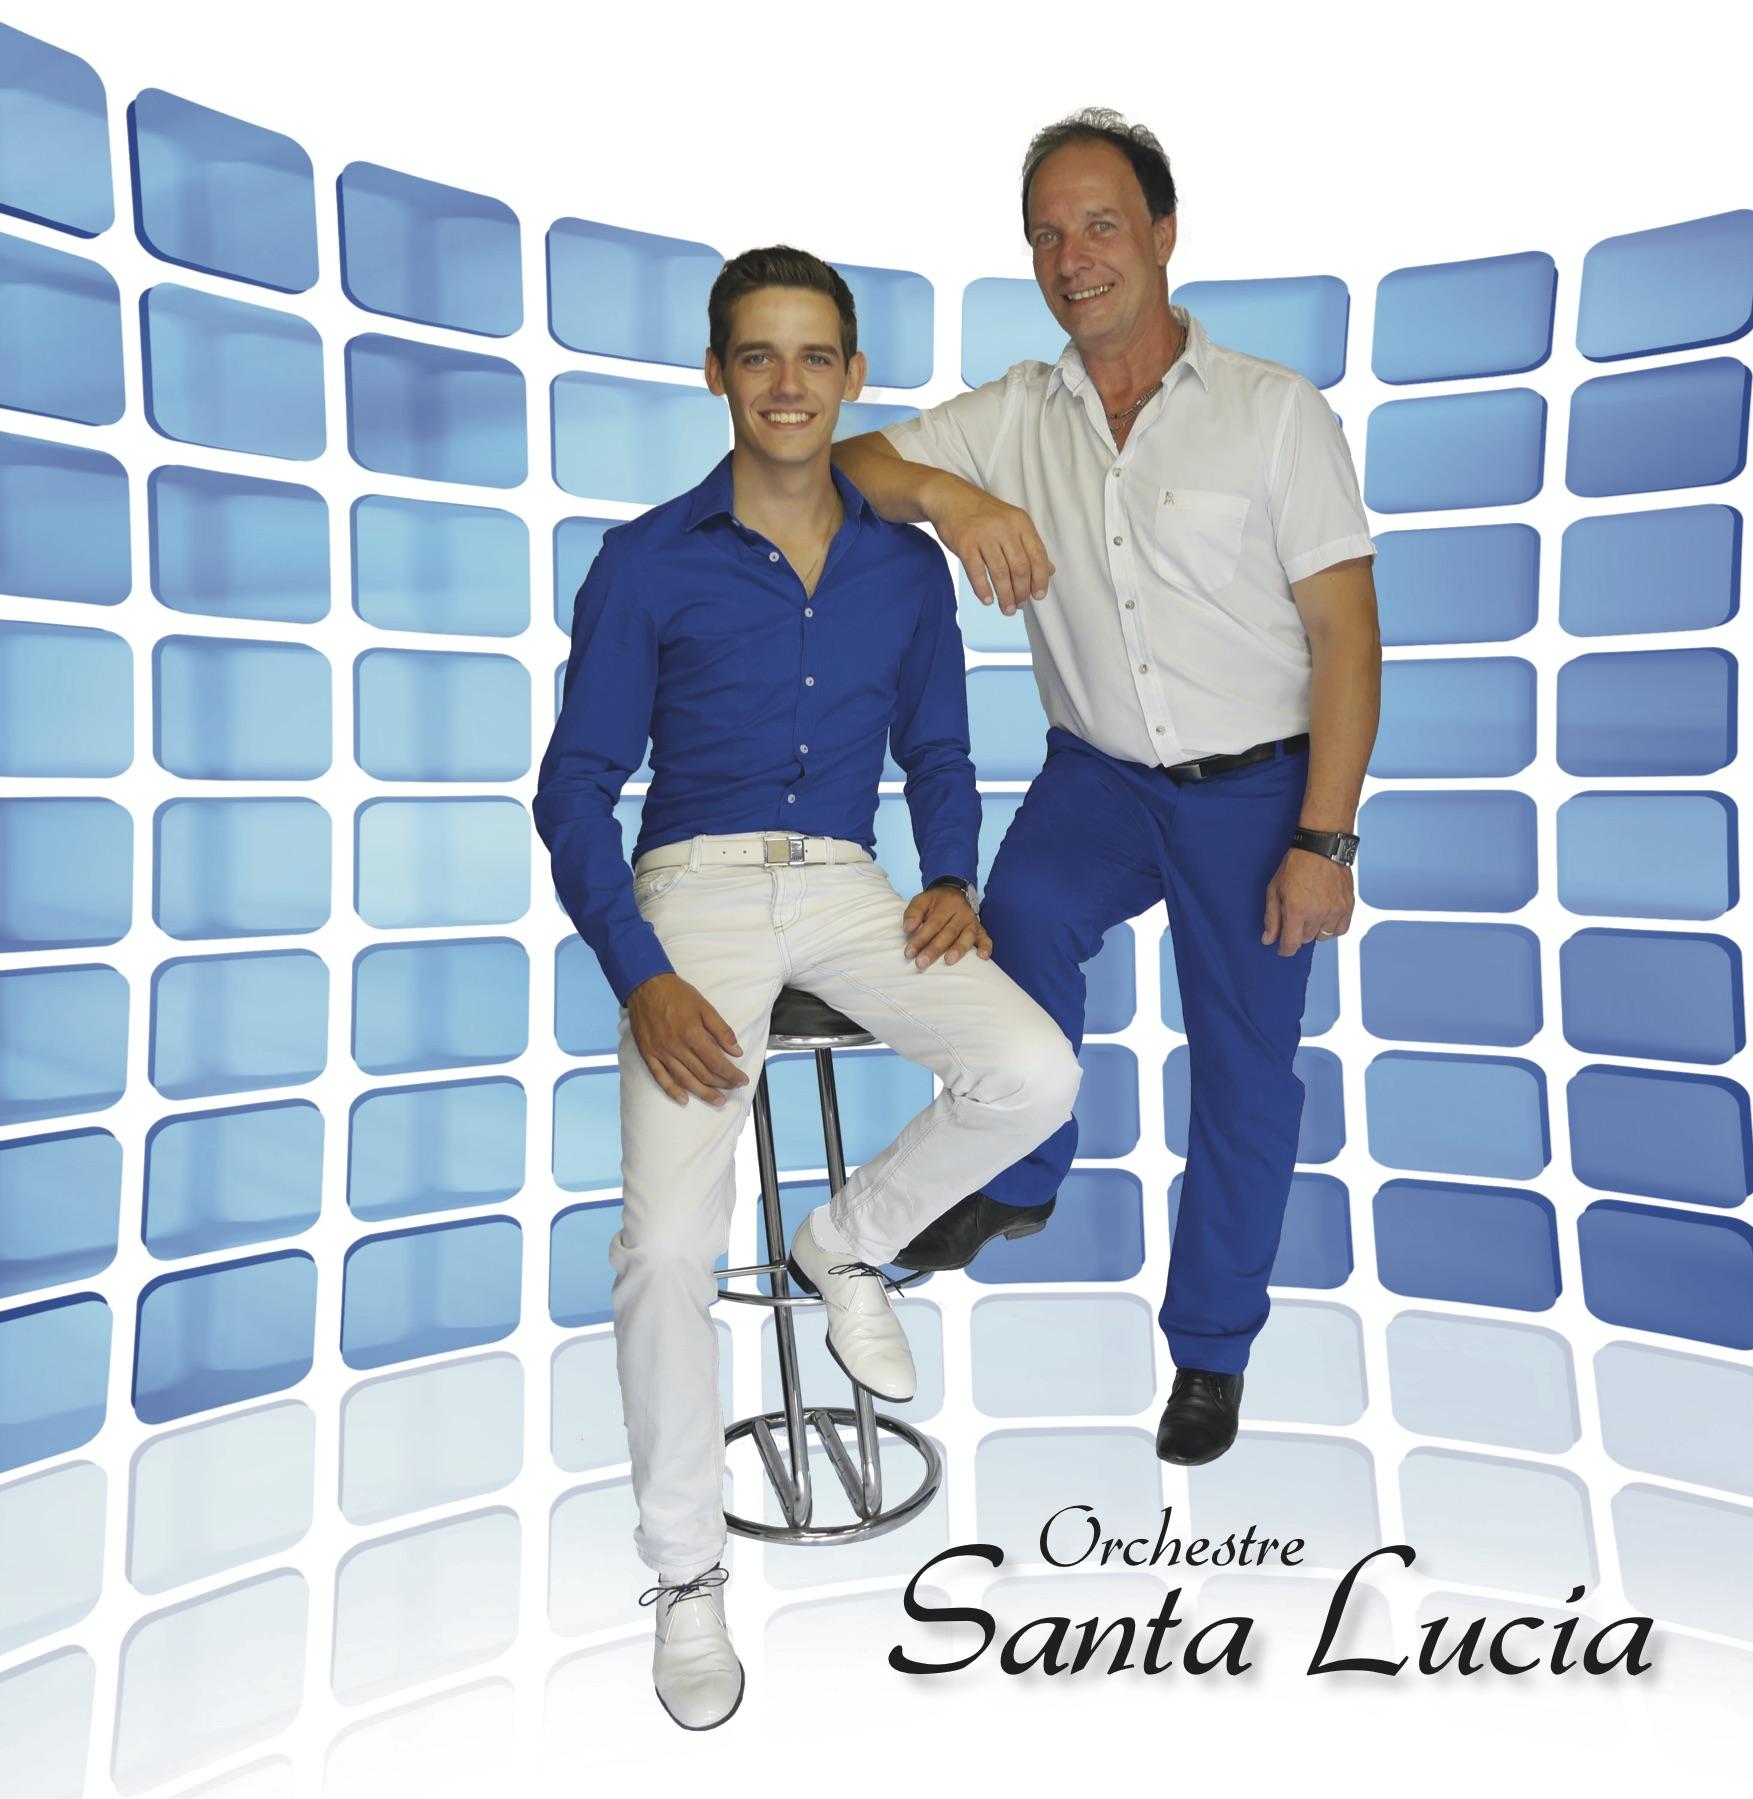 Orchestre Santa Lucia